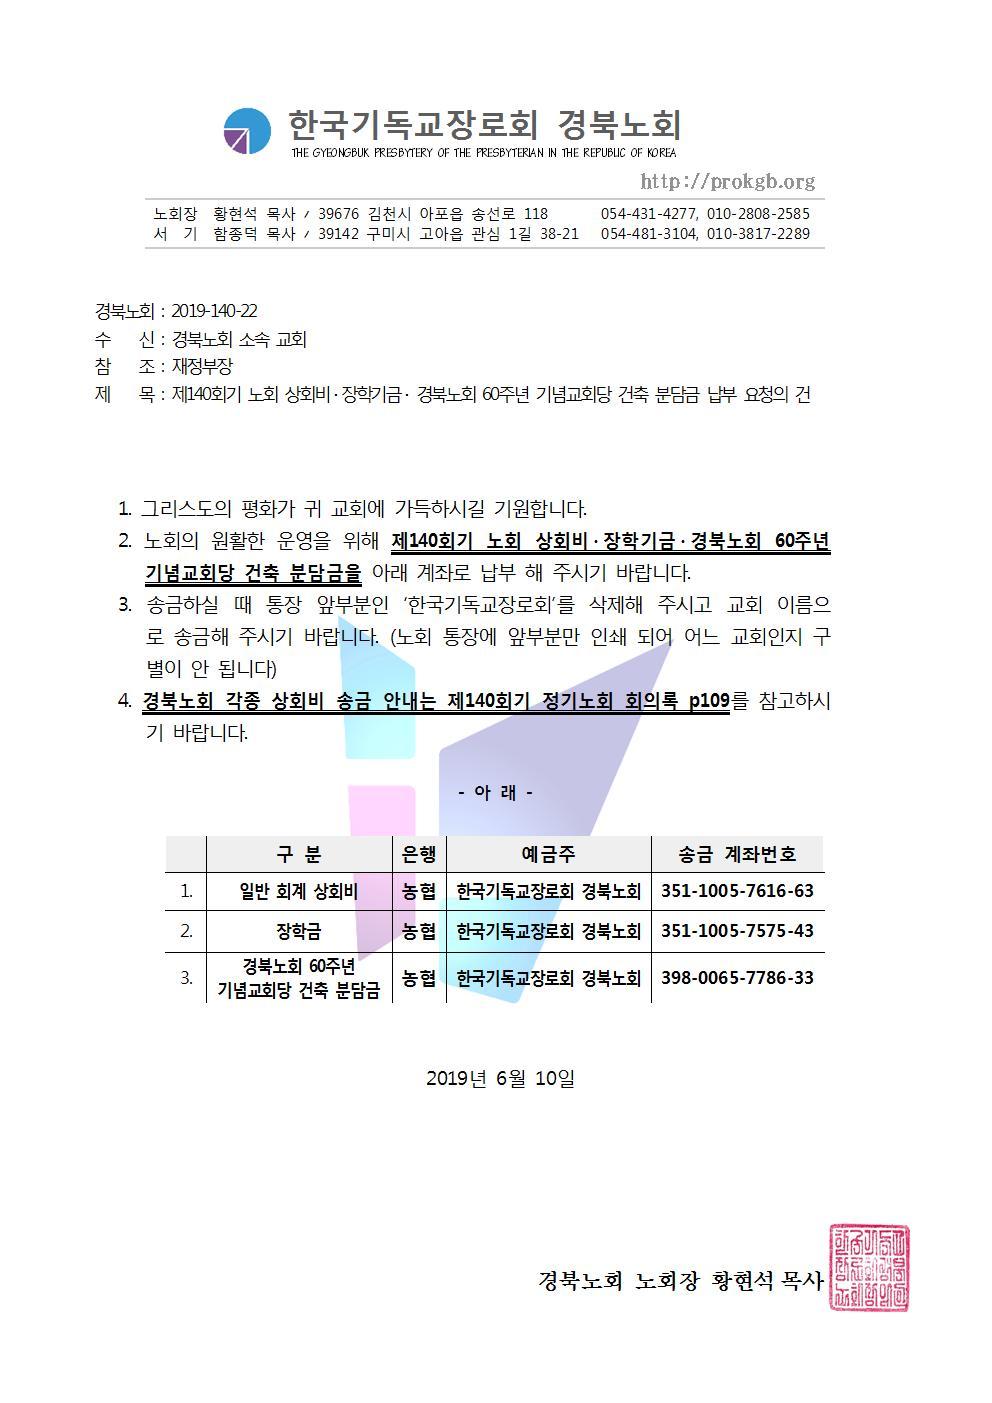 140회기 재정부 공문 - 2001.jpg